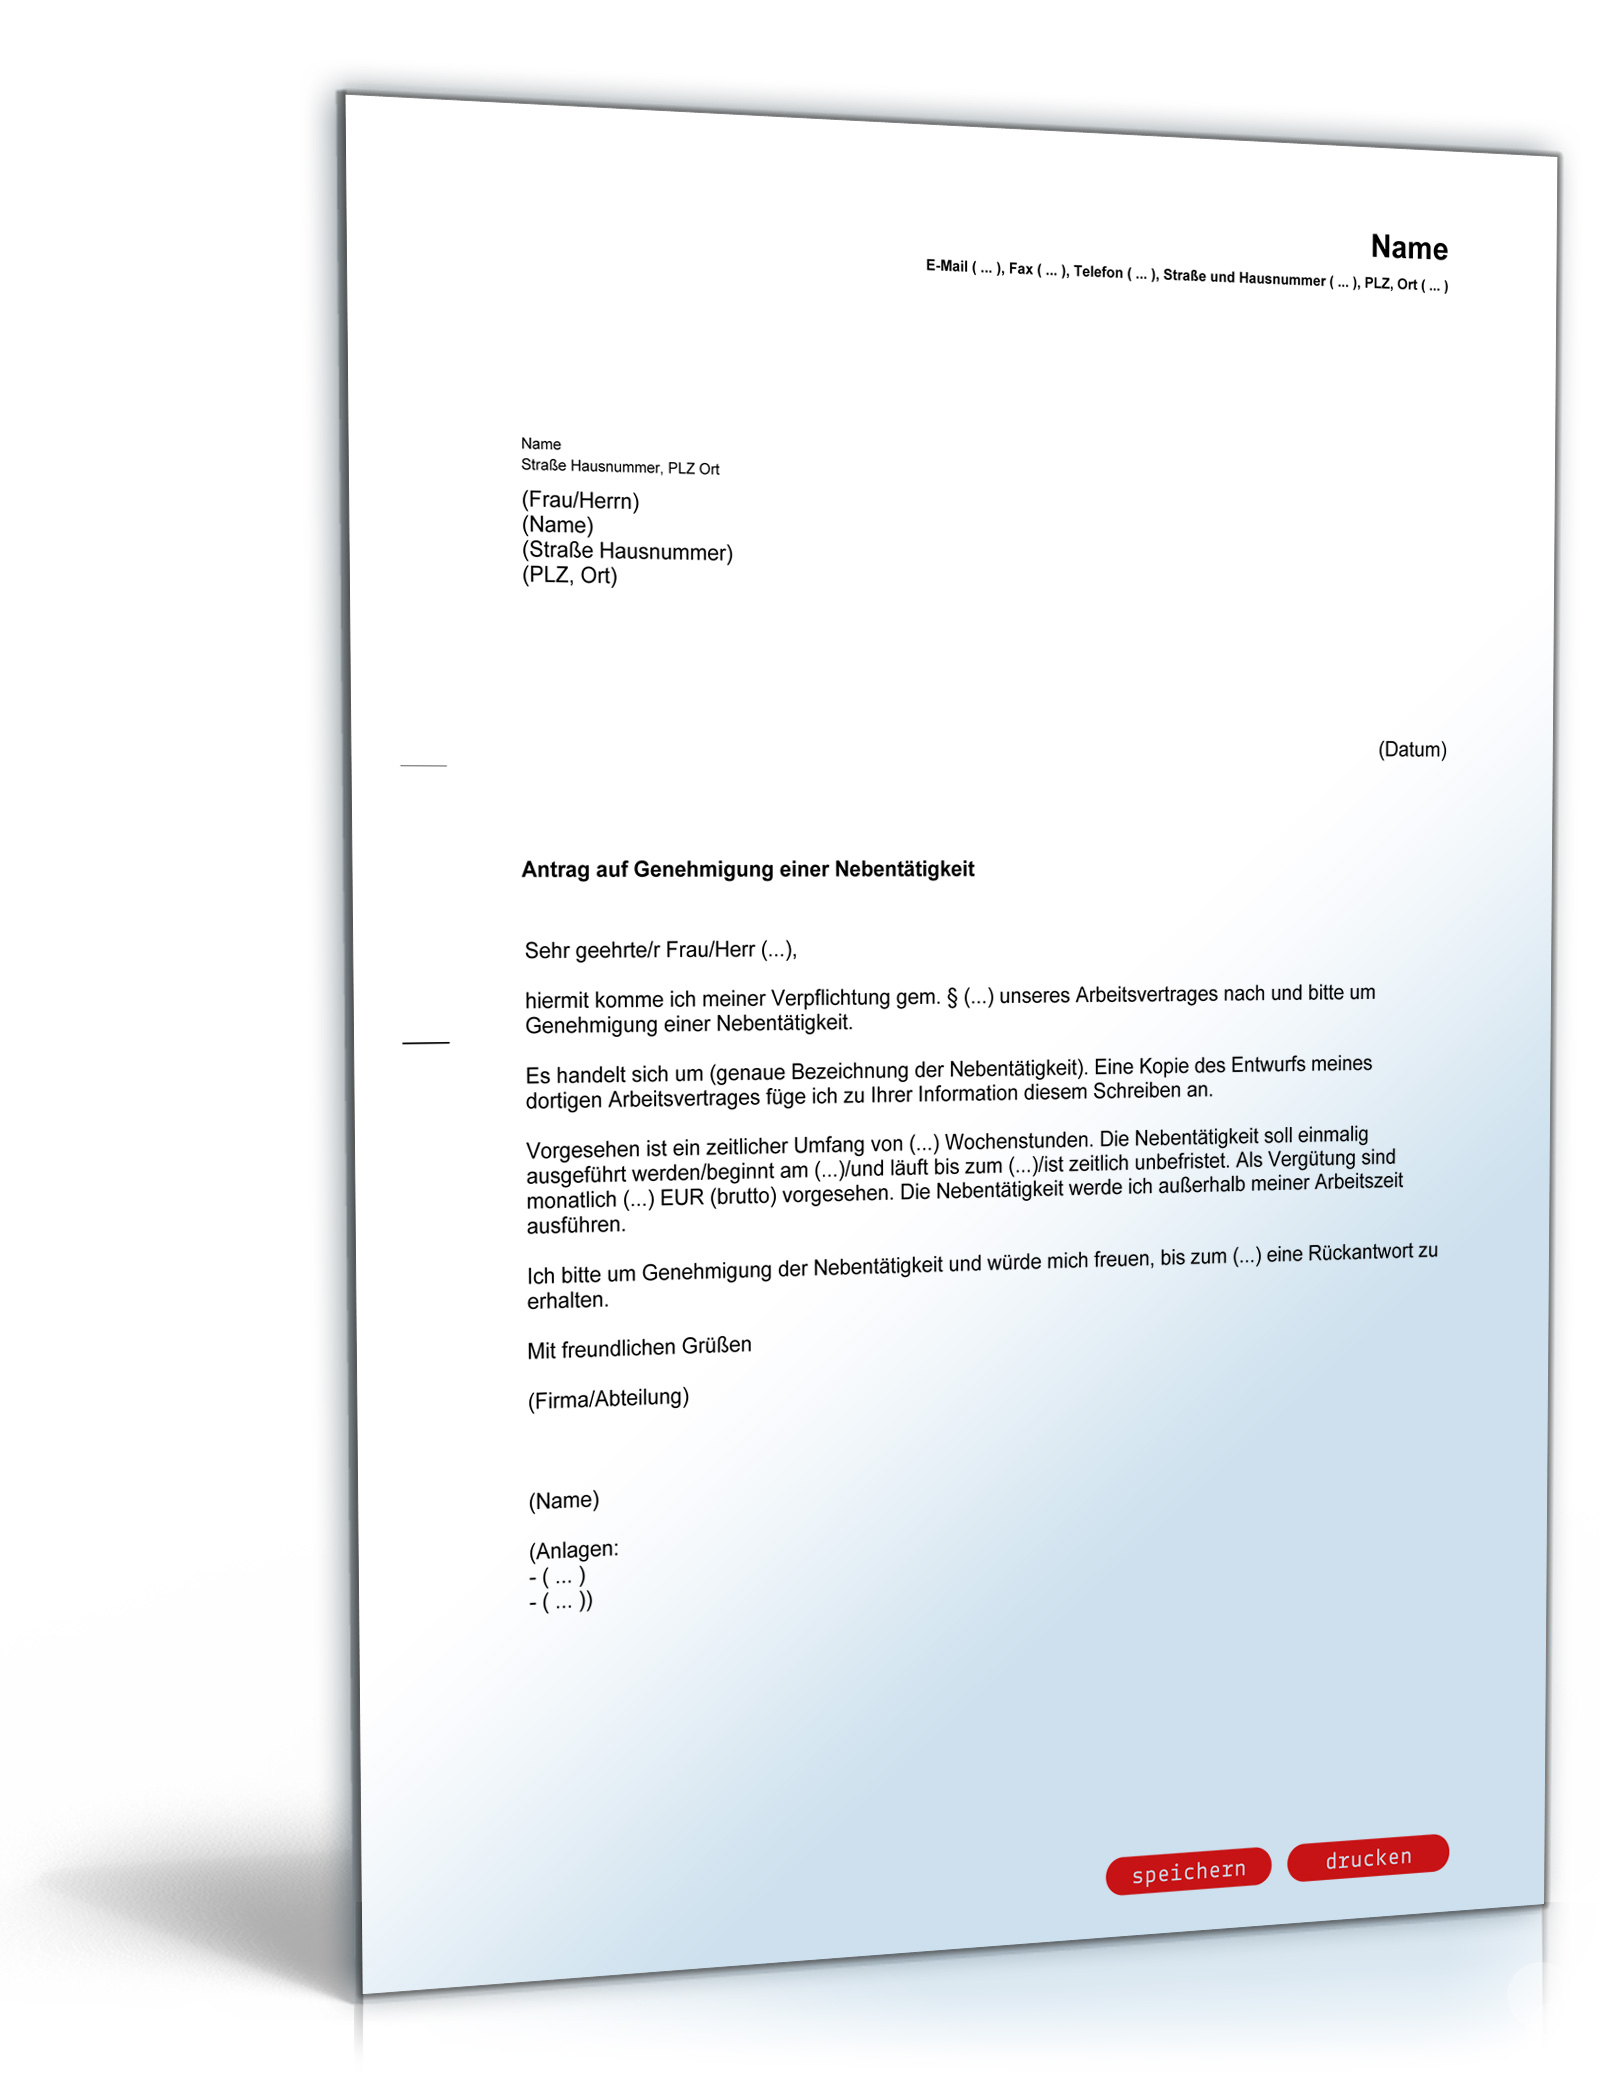 antrag auf genehmigung einer nebenttigkeit pdf download amazonde software - Antrag Nebenttigkeit Muster